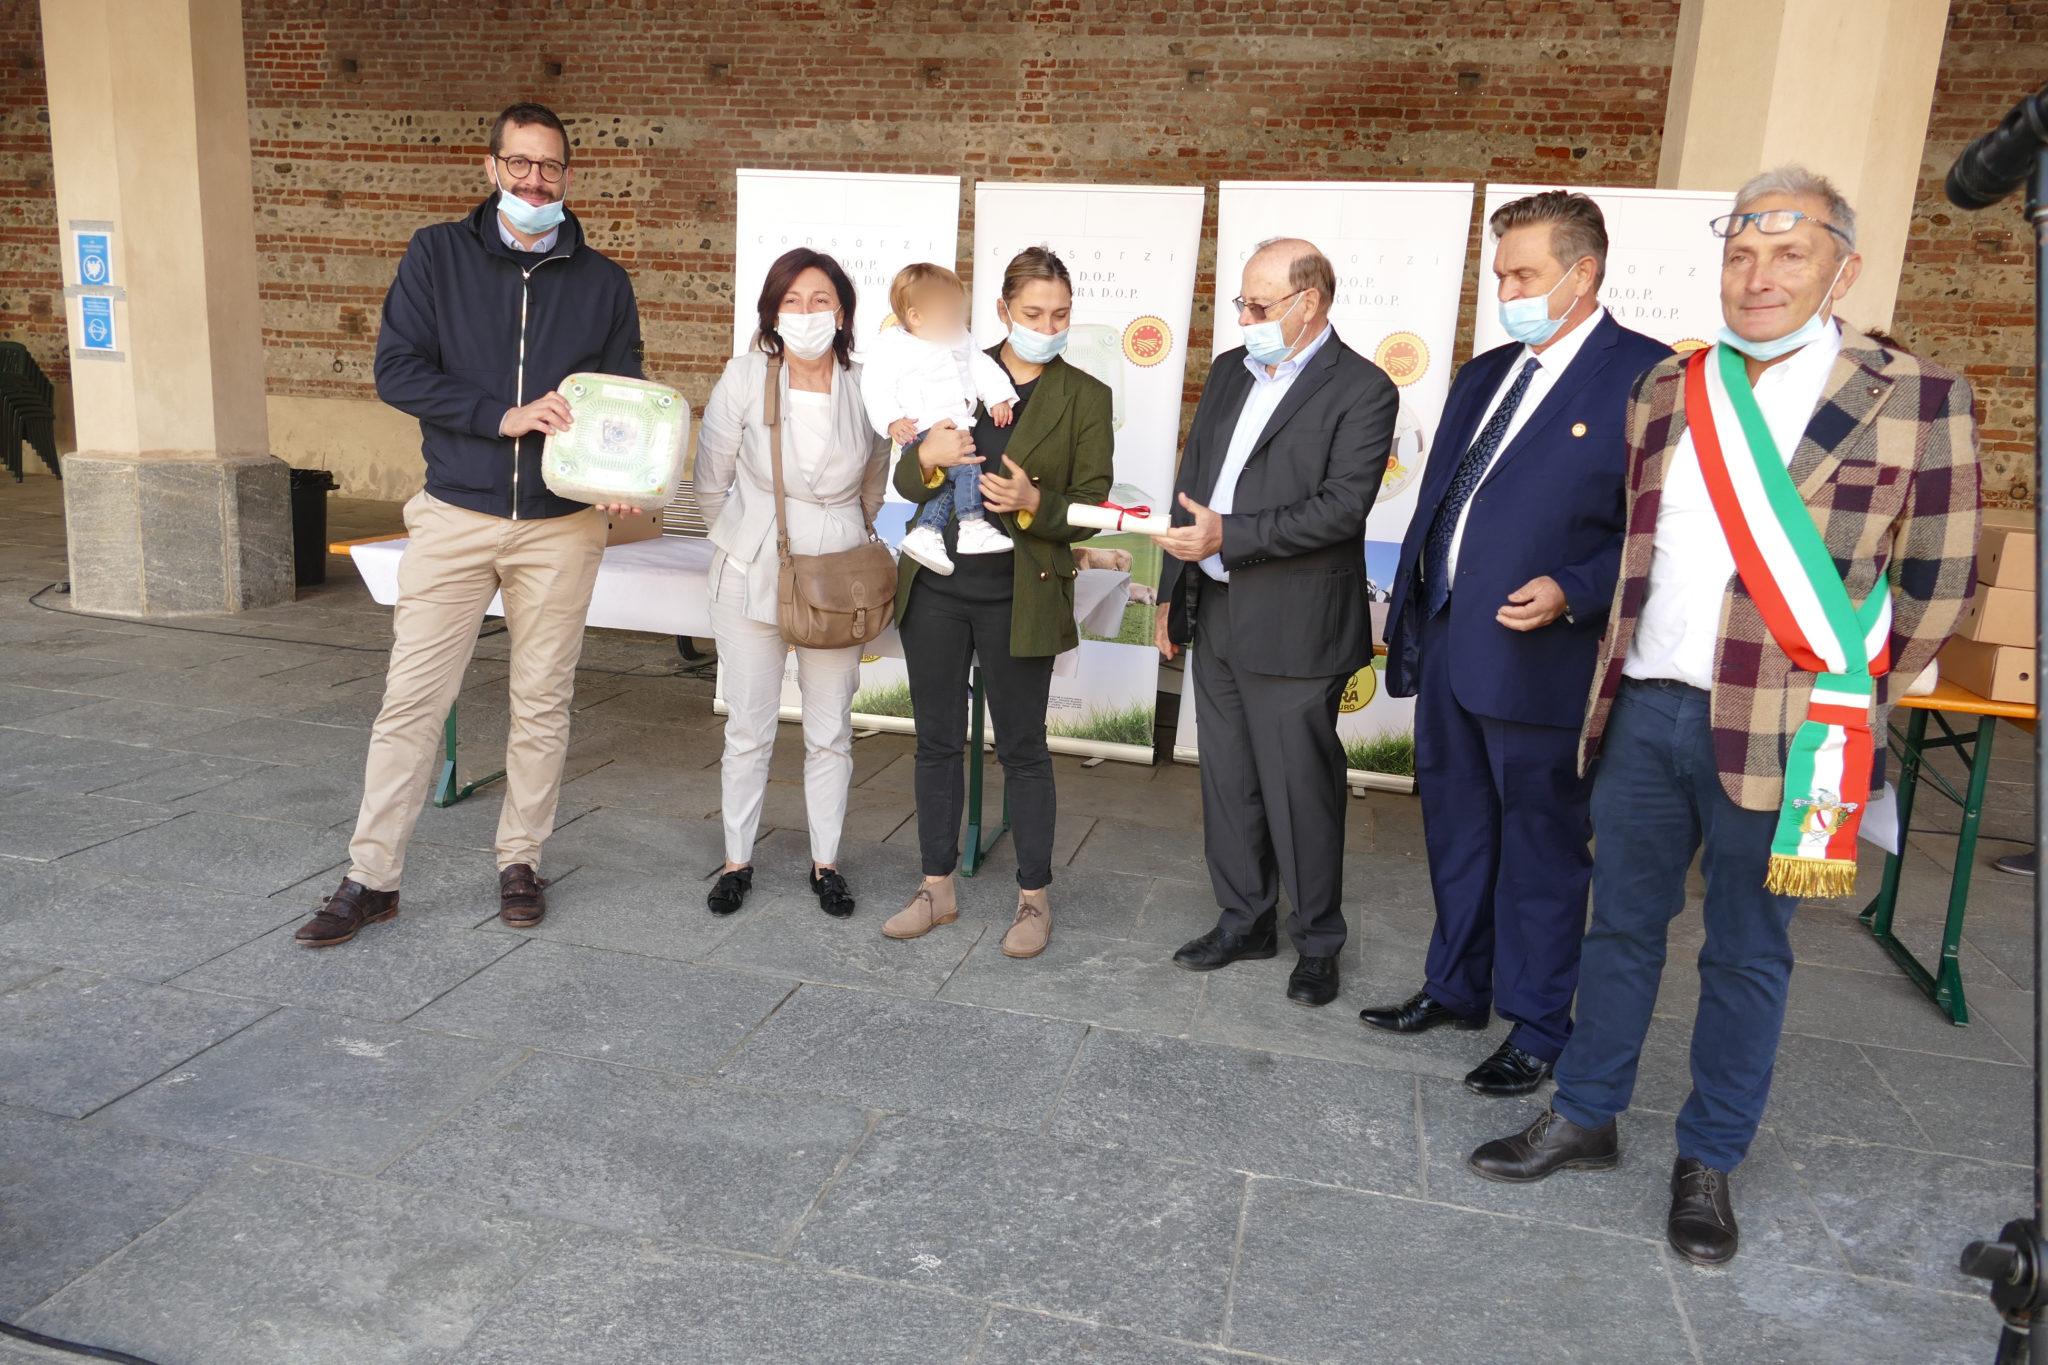 Domenica la premiazione dei bambini di Scarnafigi e Ruffia nati nel 2020